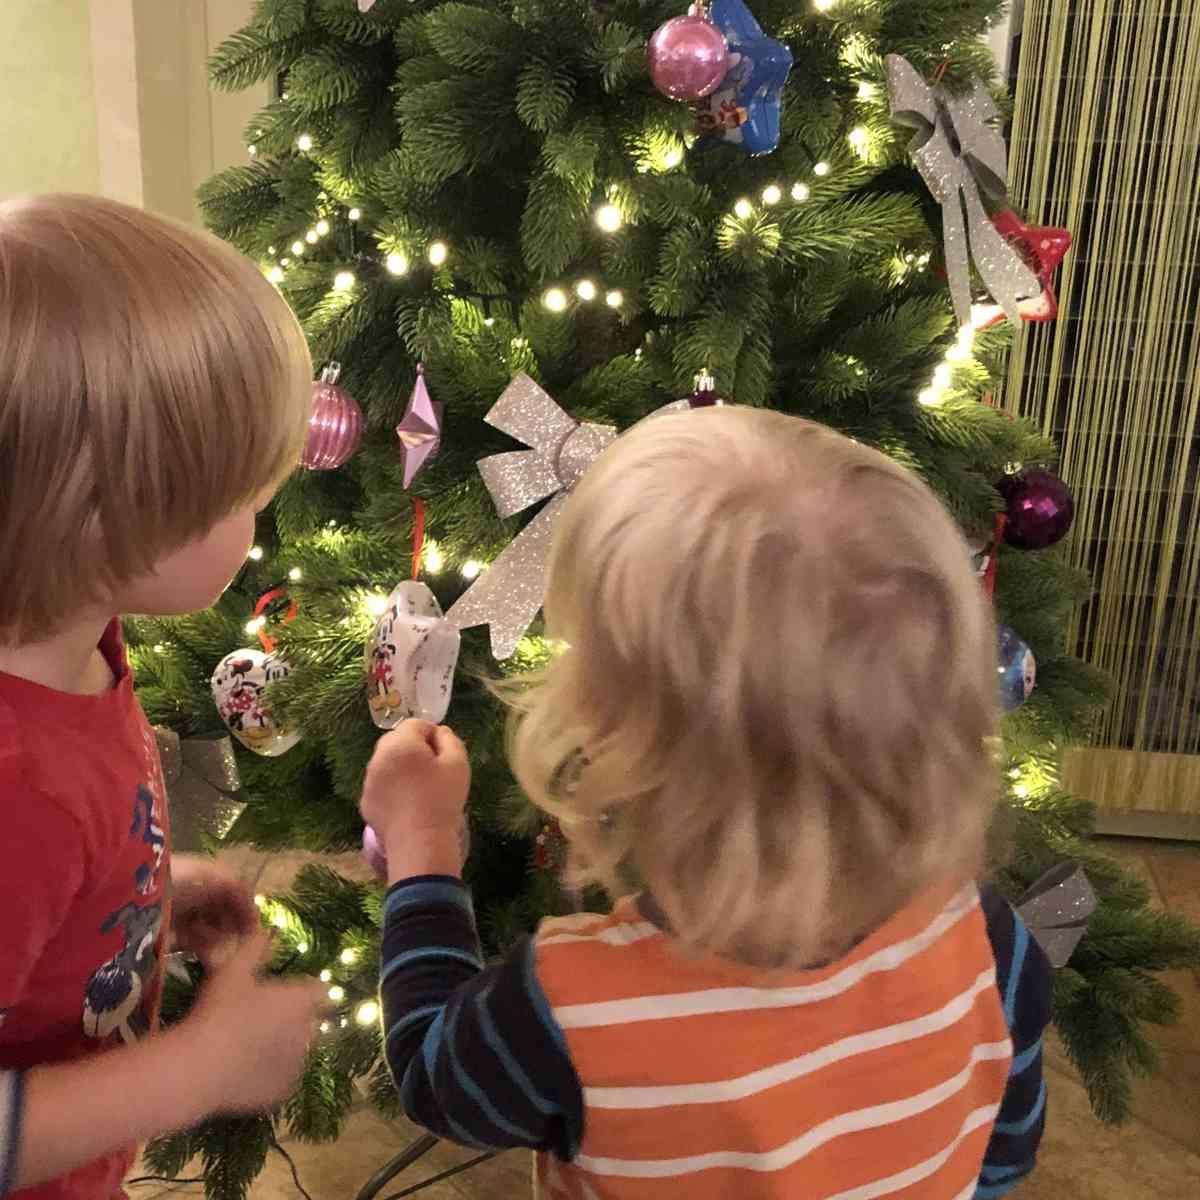 Wochenende in Bildern #WiB 50 2019 – Weihnachtsbaum und Krankenhaus